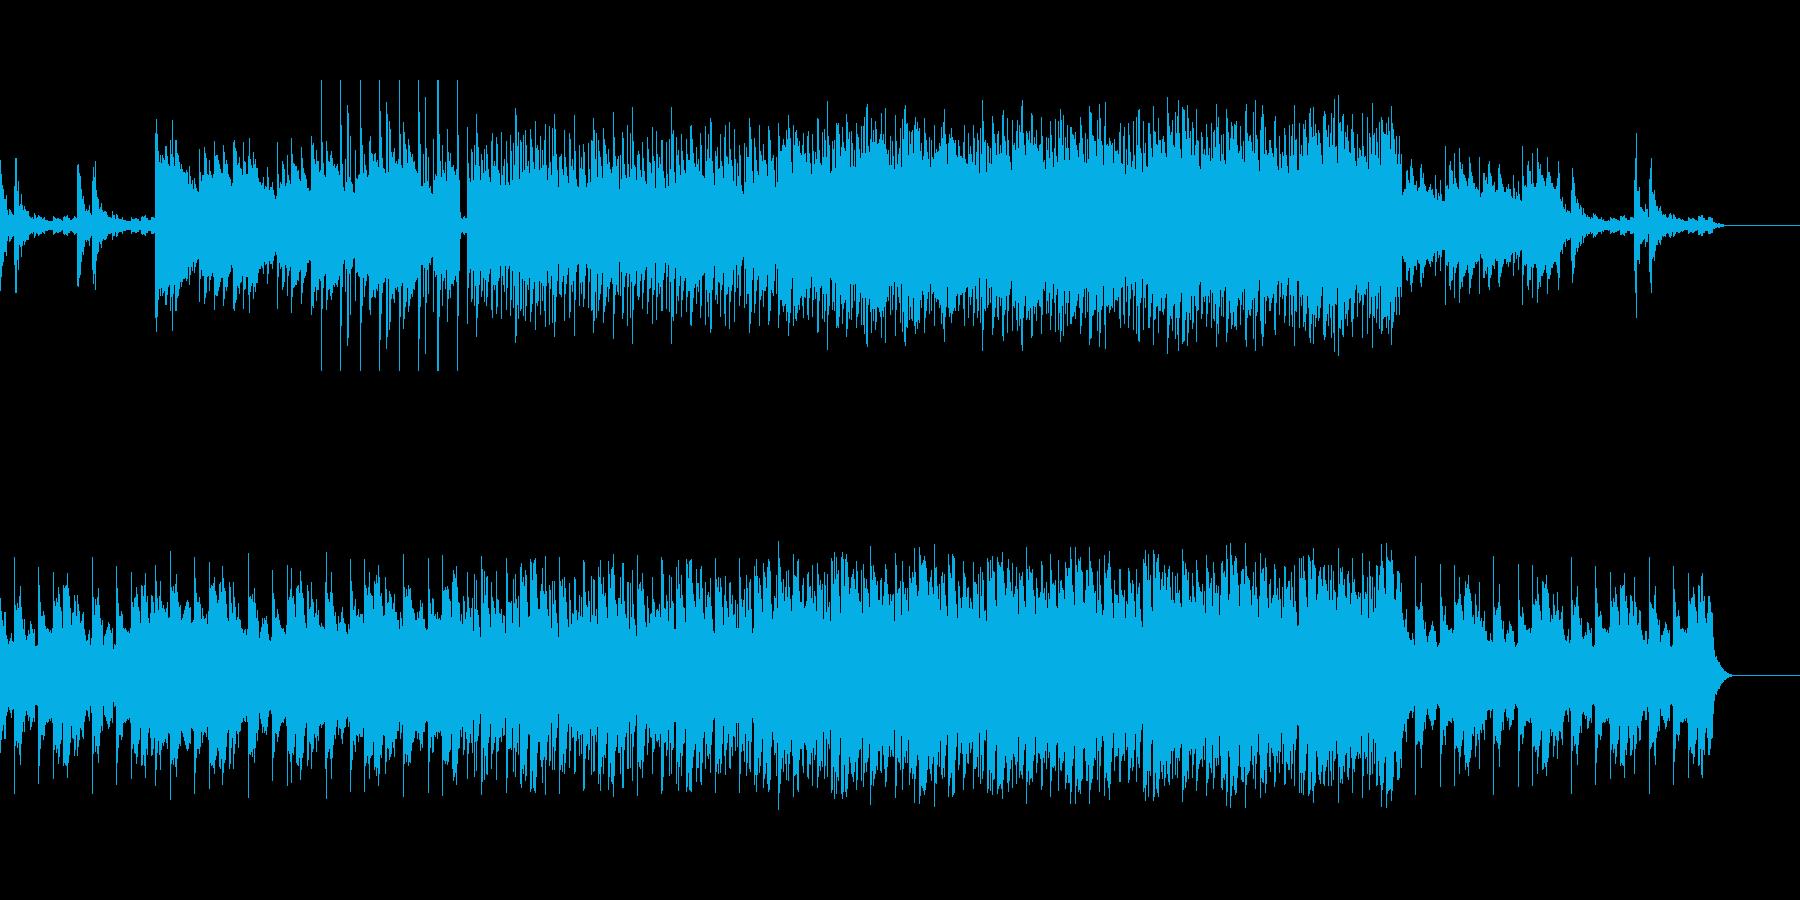 神秘的なシンセサイザーBGMの再生済みの波形